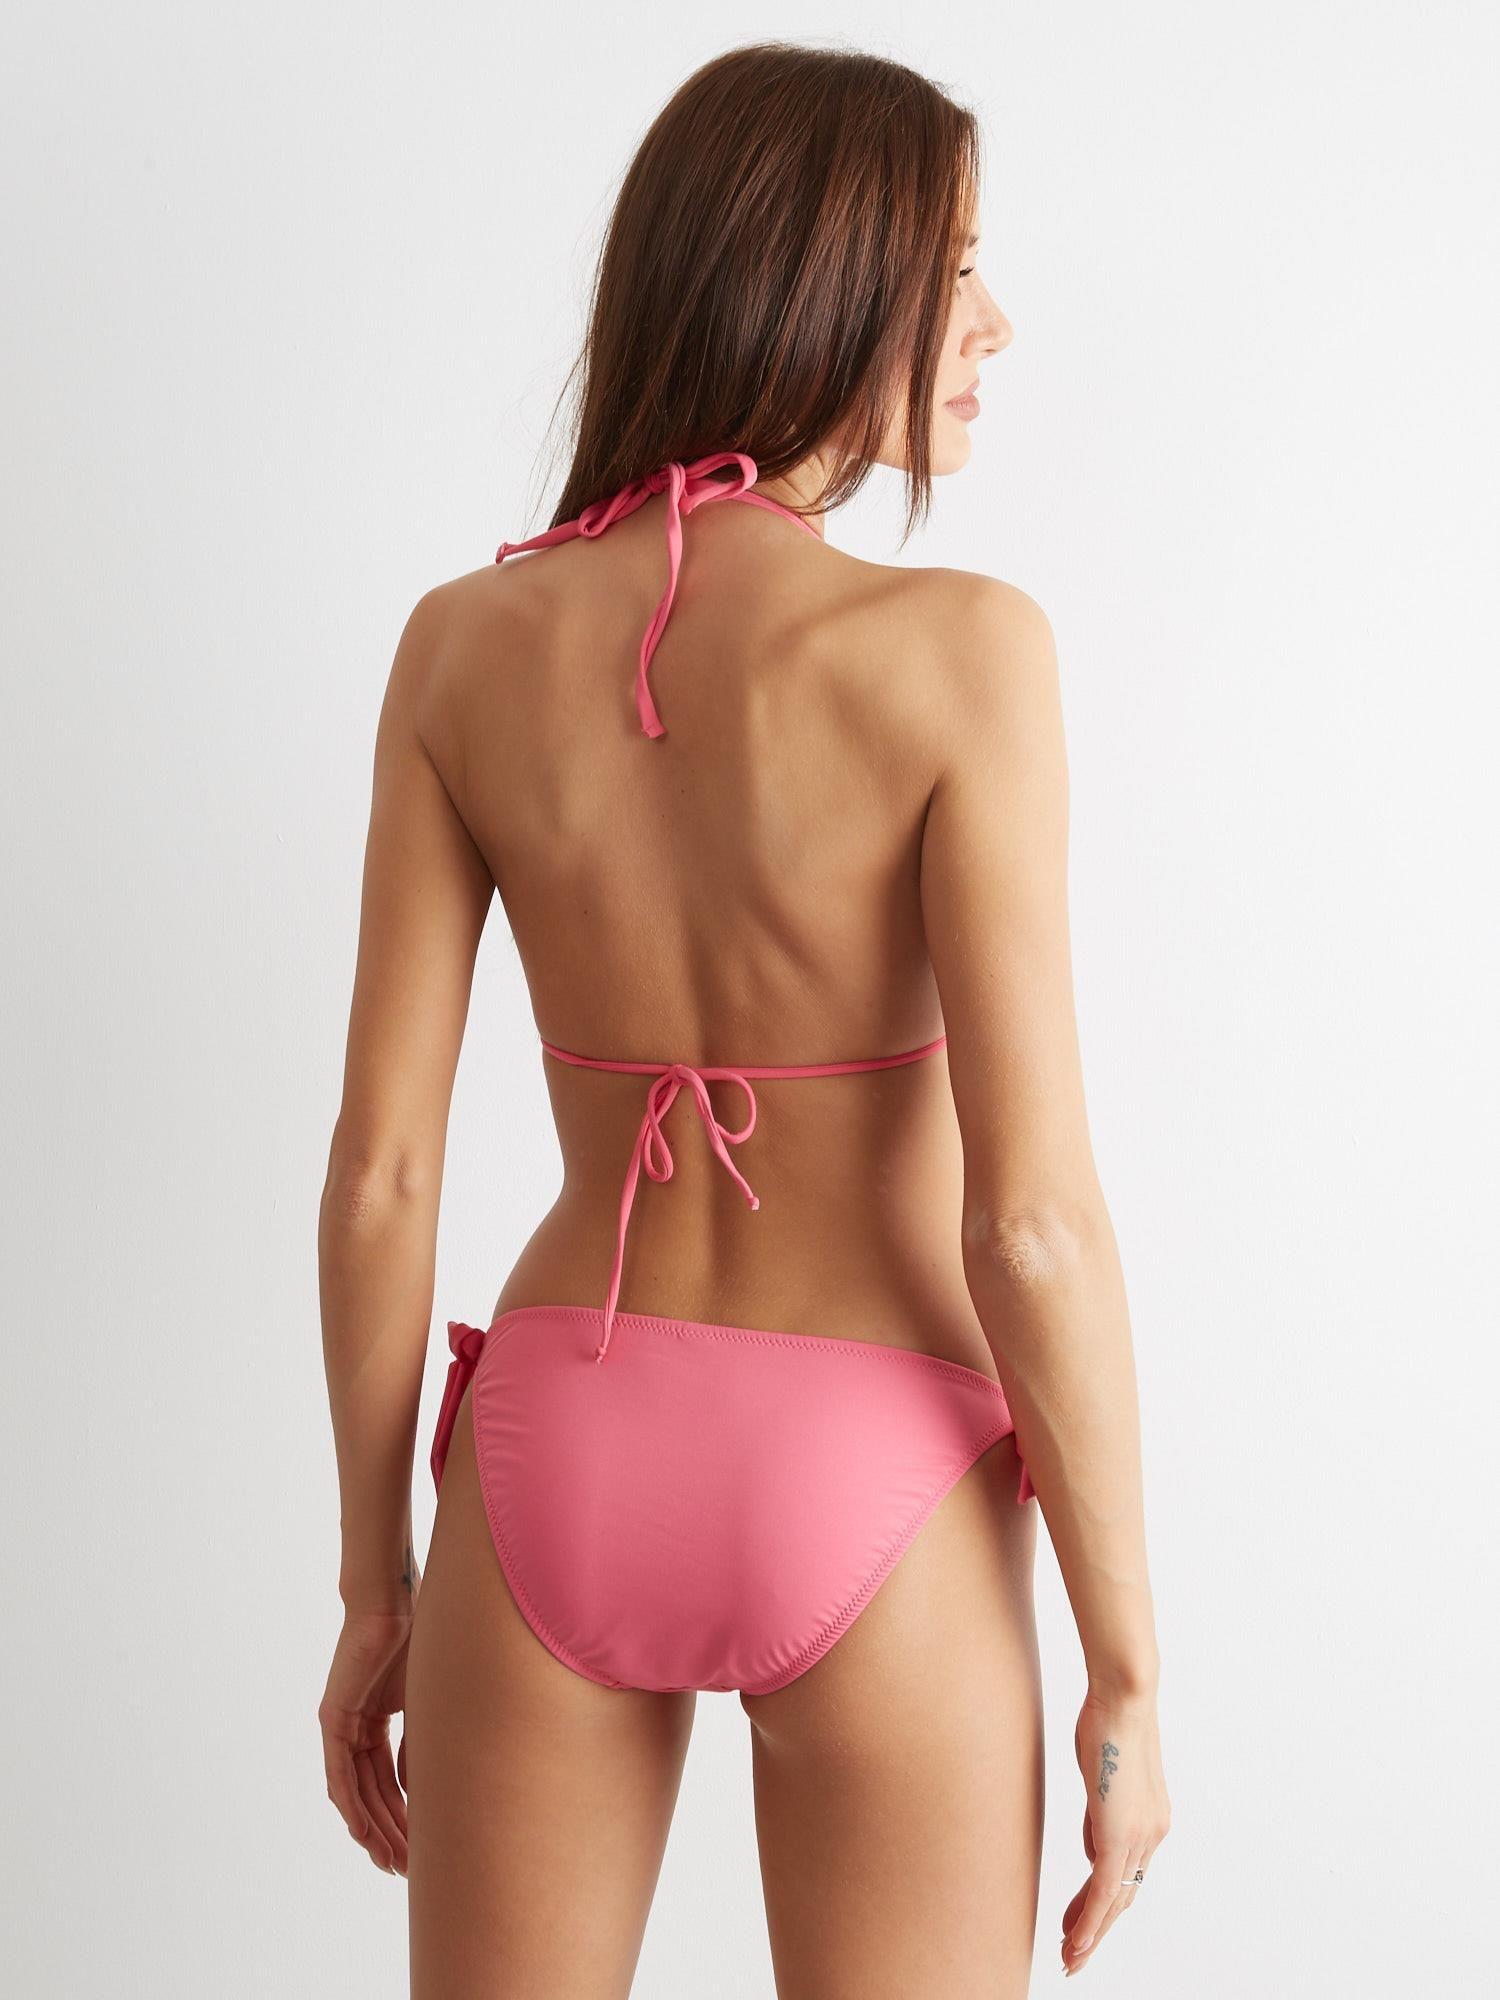 cdb6063b813dc6 Różowe wiązane bikini Trifler - Bielizna strój kąpielowy - sklep eButik.pl